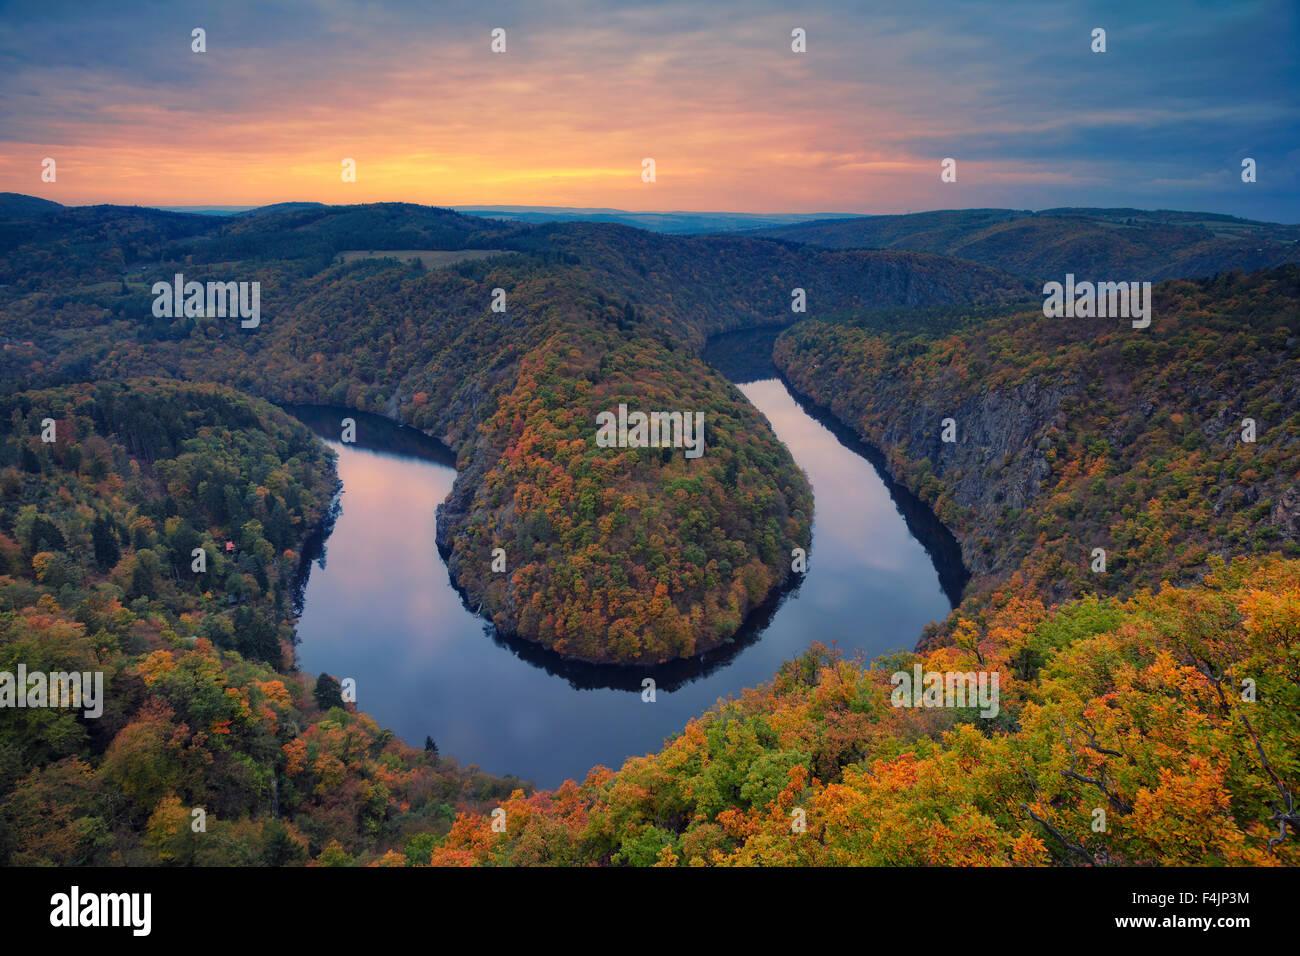 Autunno River bend. Bellissimo meandro del fiume Vltava nella Repubblica Ceca durante il tramonto d'autunno. Immagini Stock